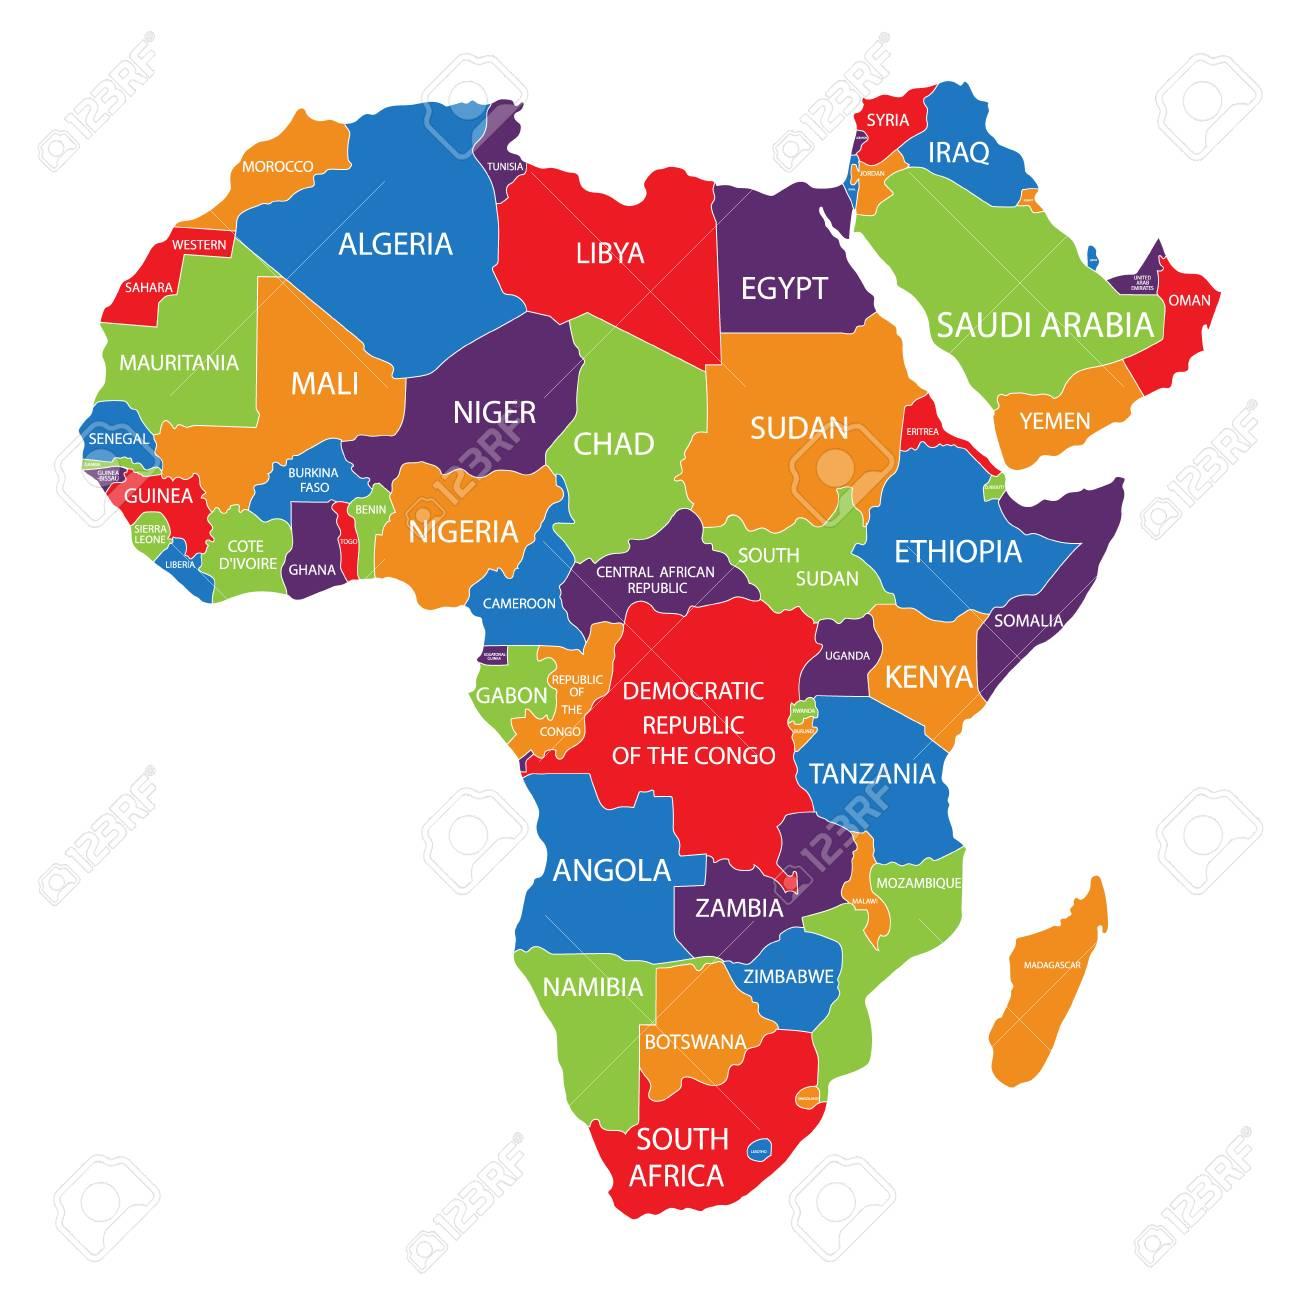 Ilustracion De Africa Mapa De Africa Con Nombres De Paises